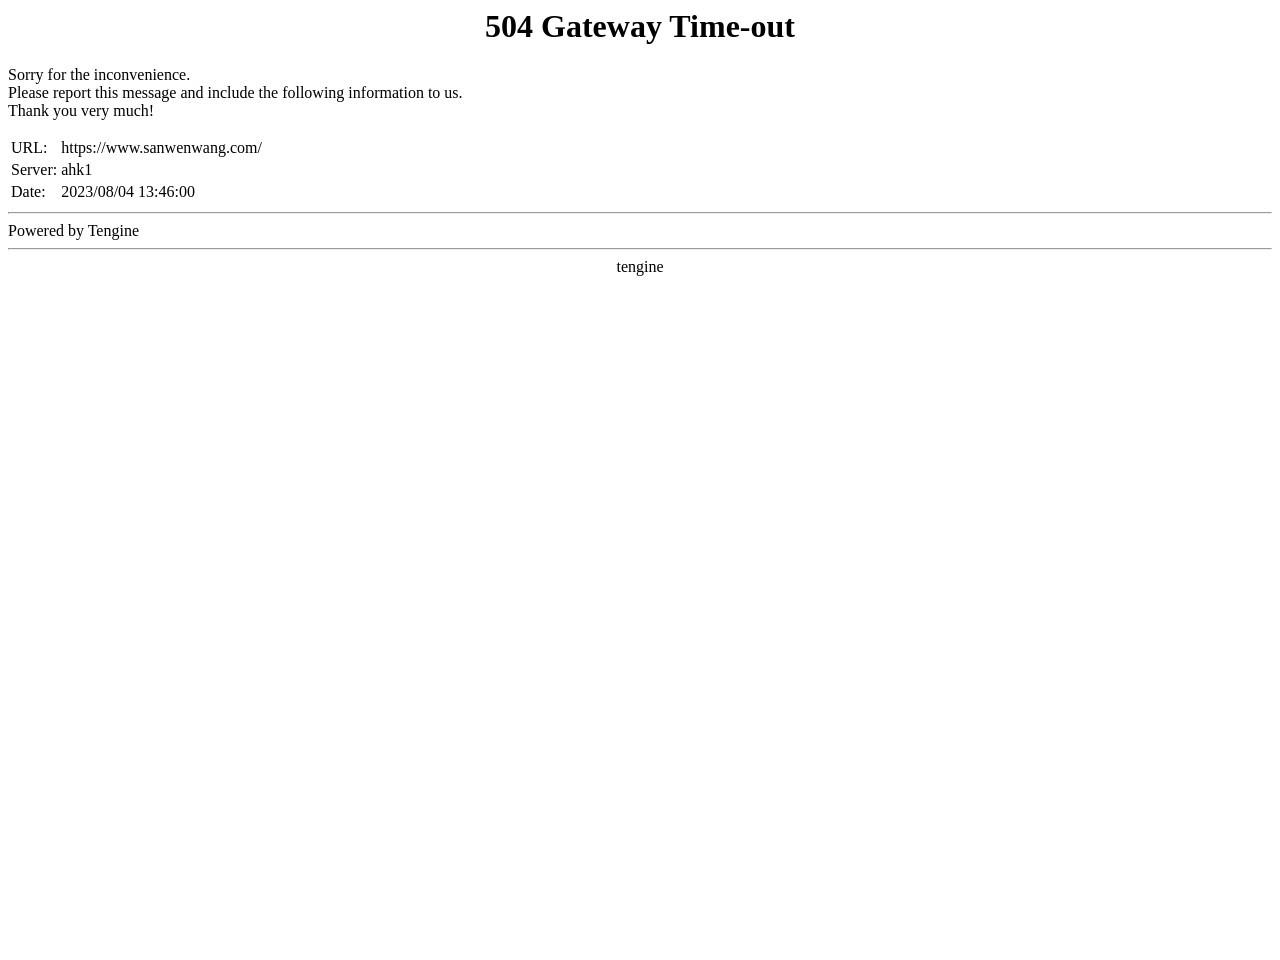 中国散文网